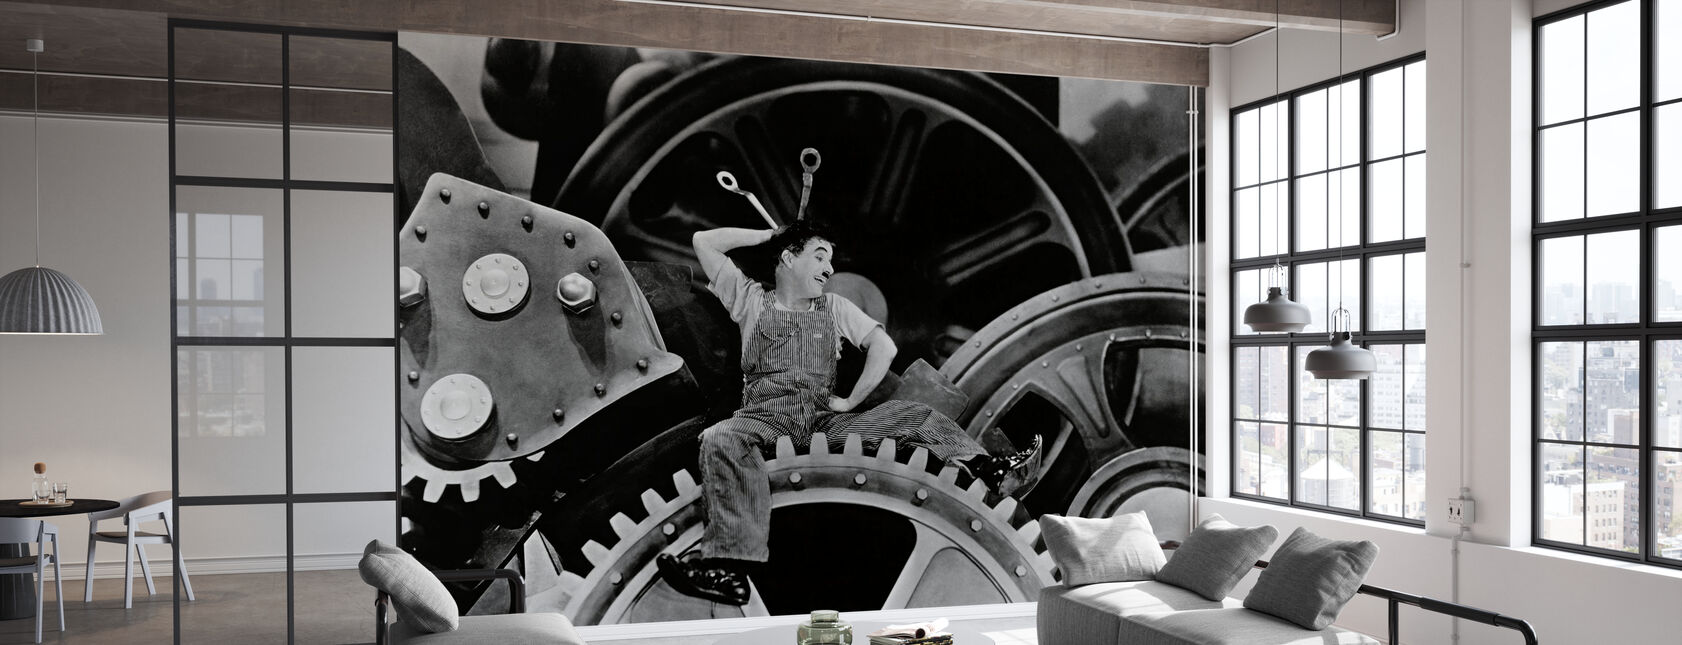 Charlie Chaplin in de moderne tijd - Behang - Kantoor